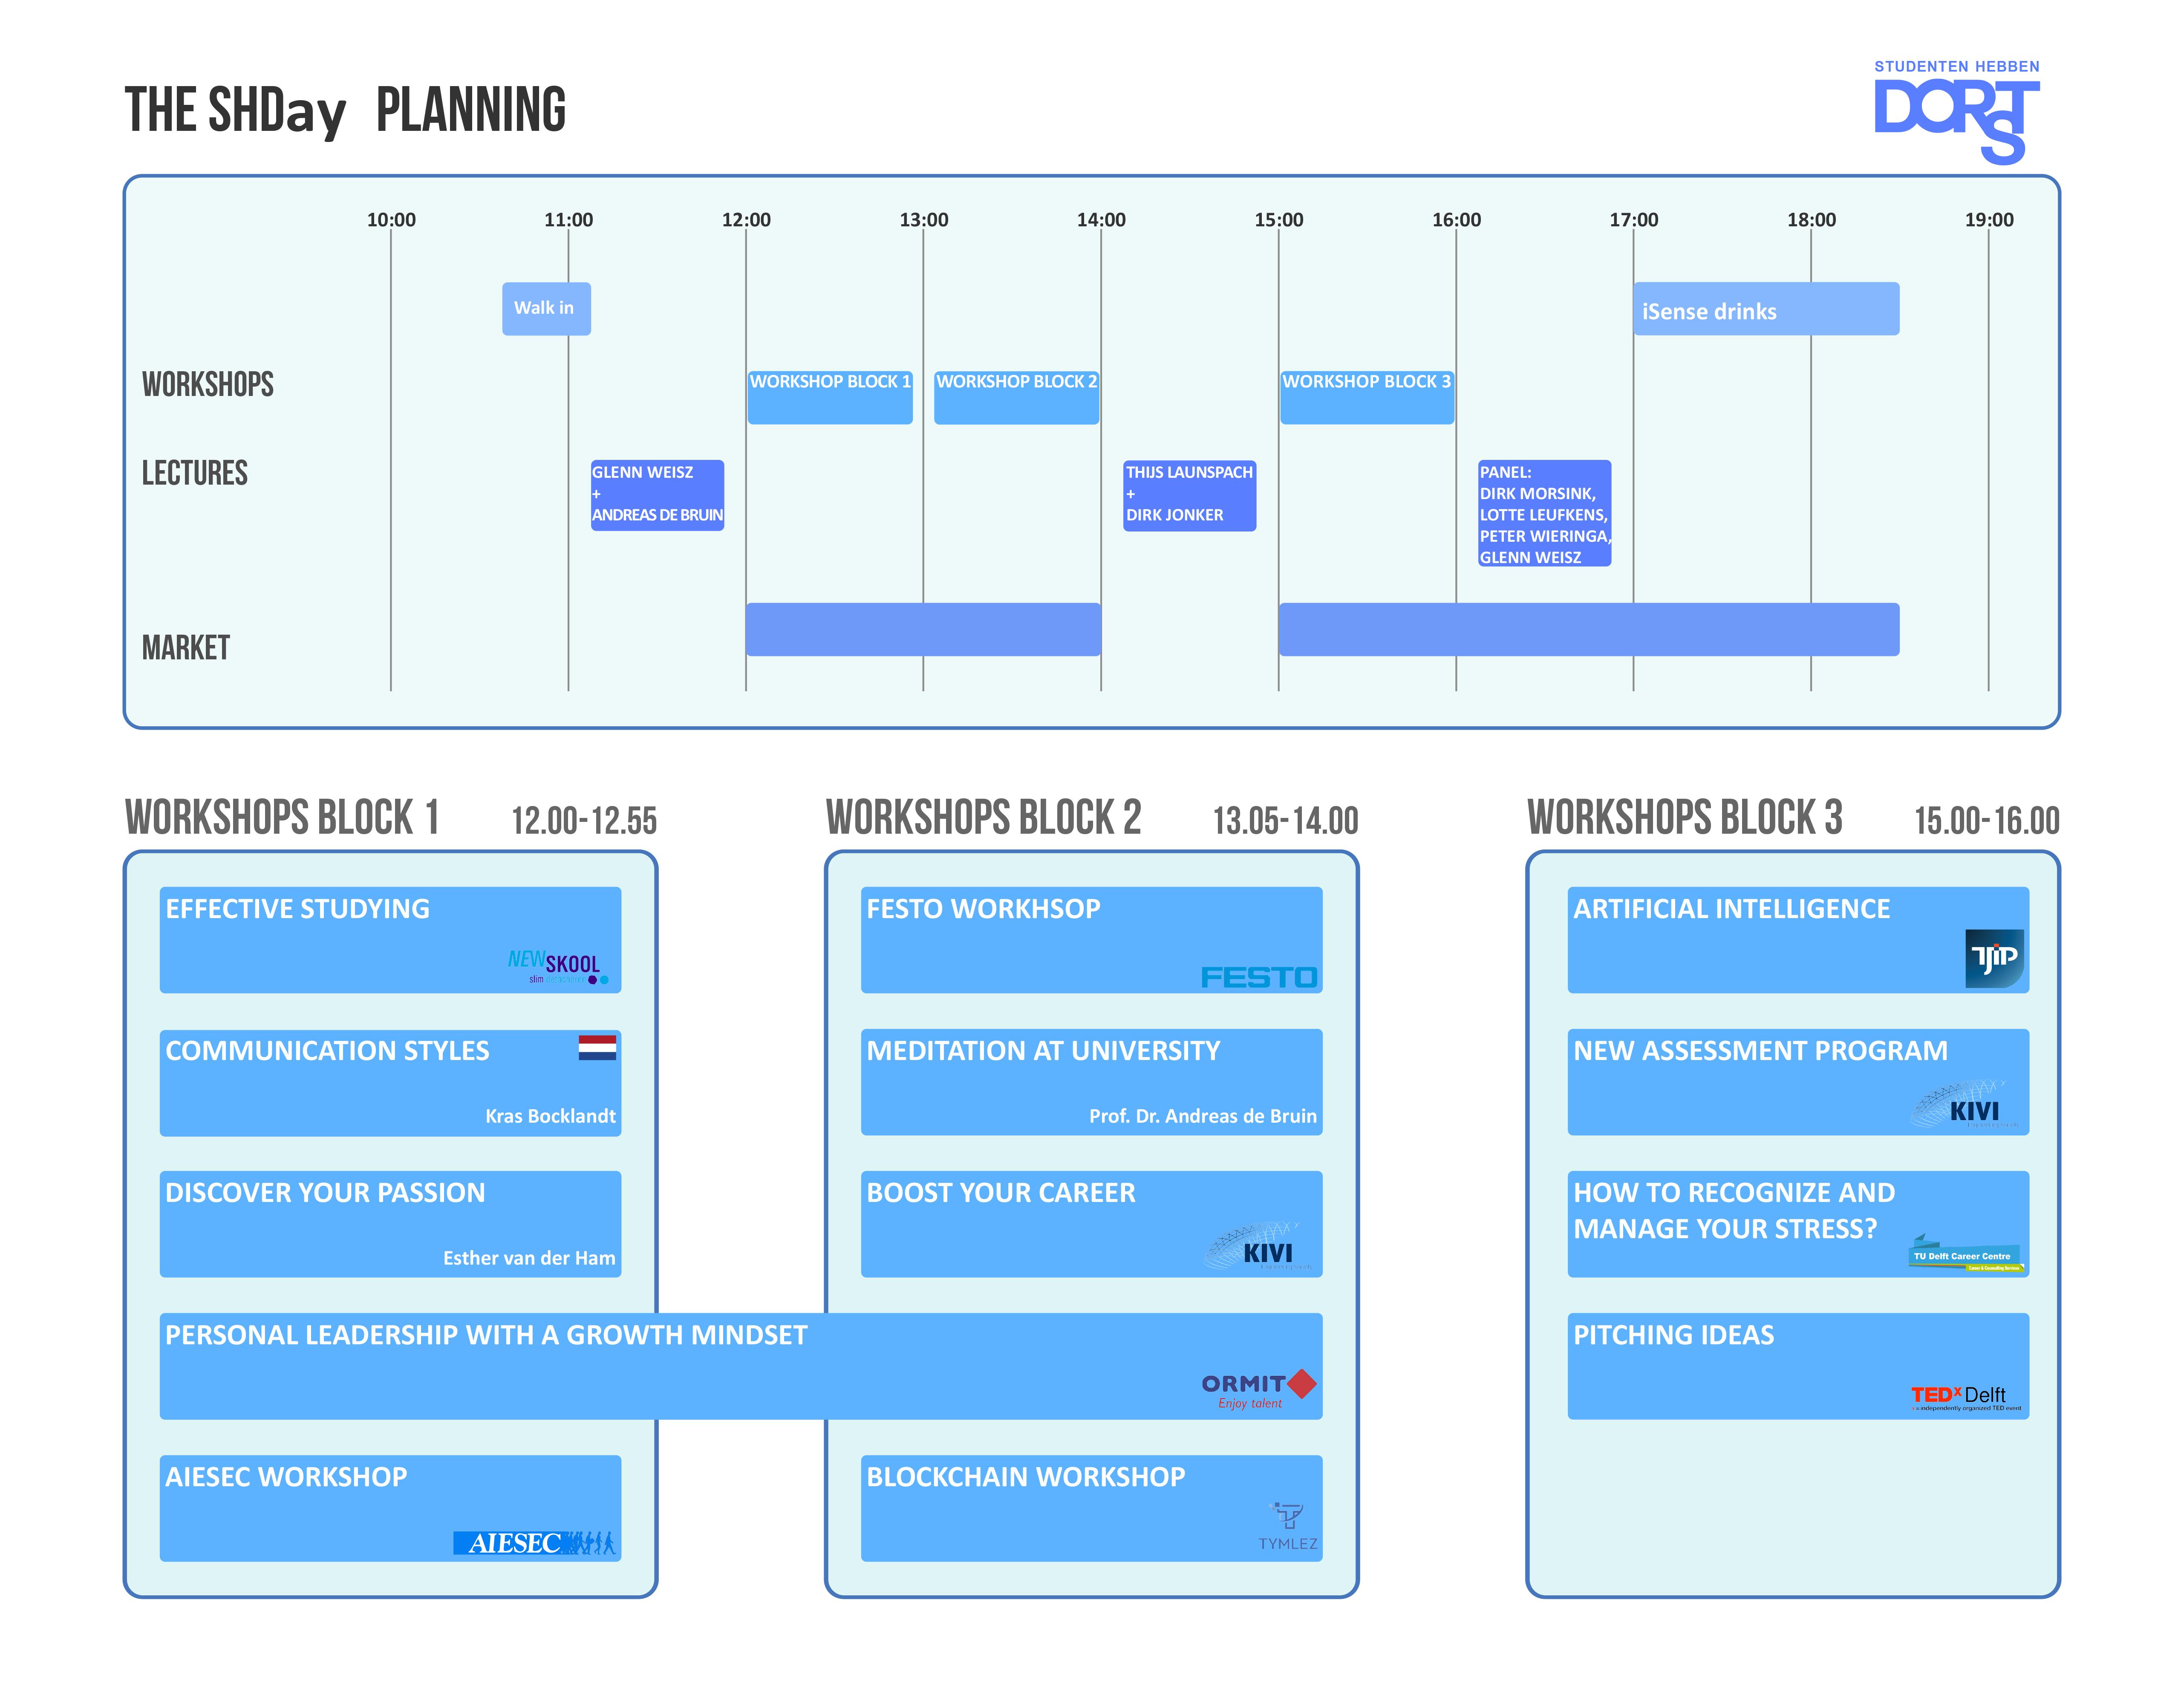 dagplanning symposium